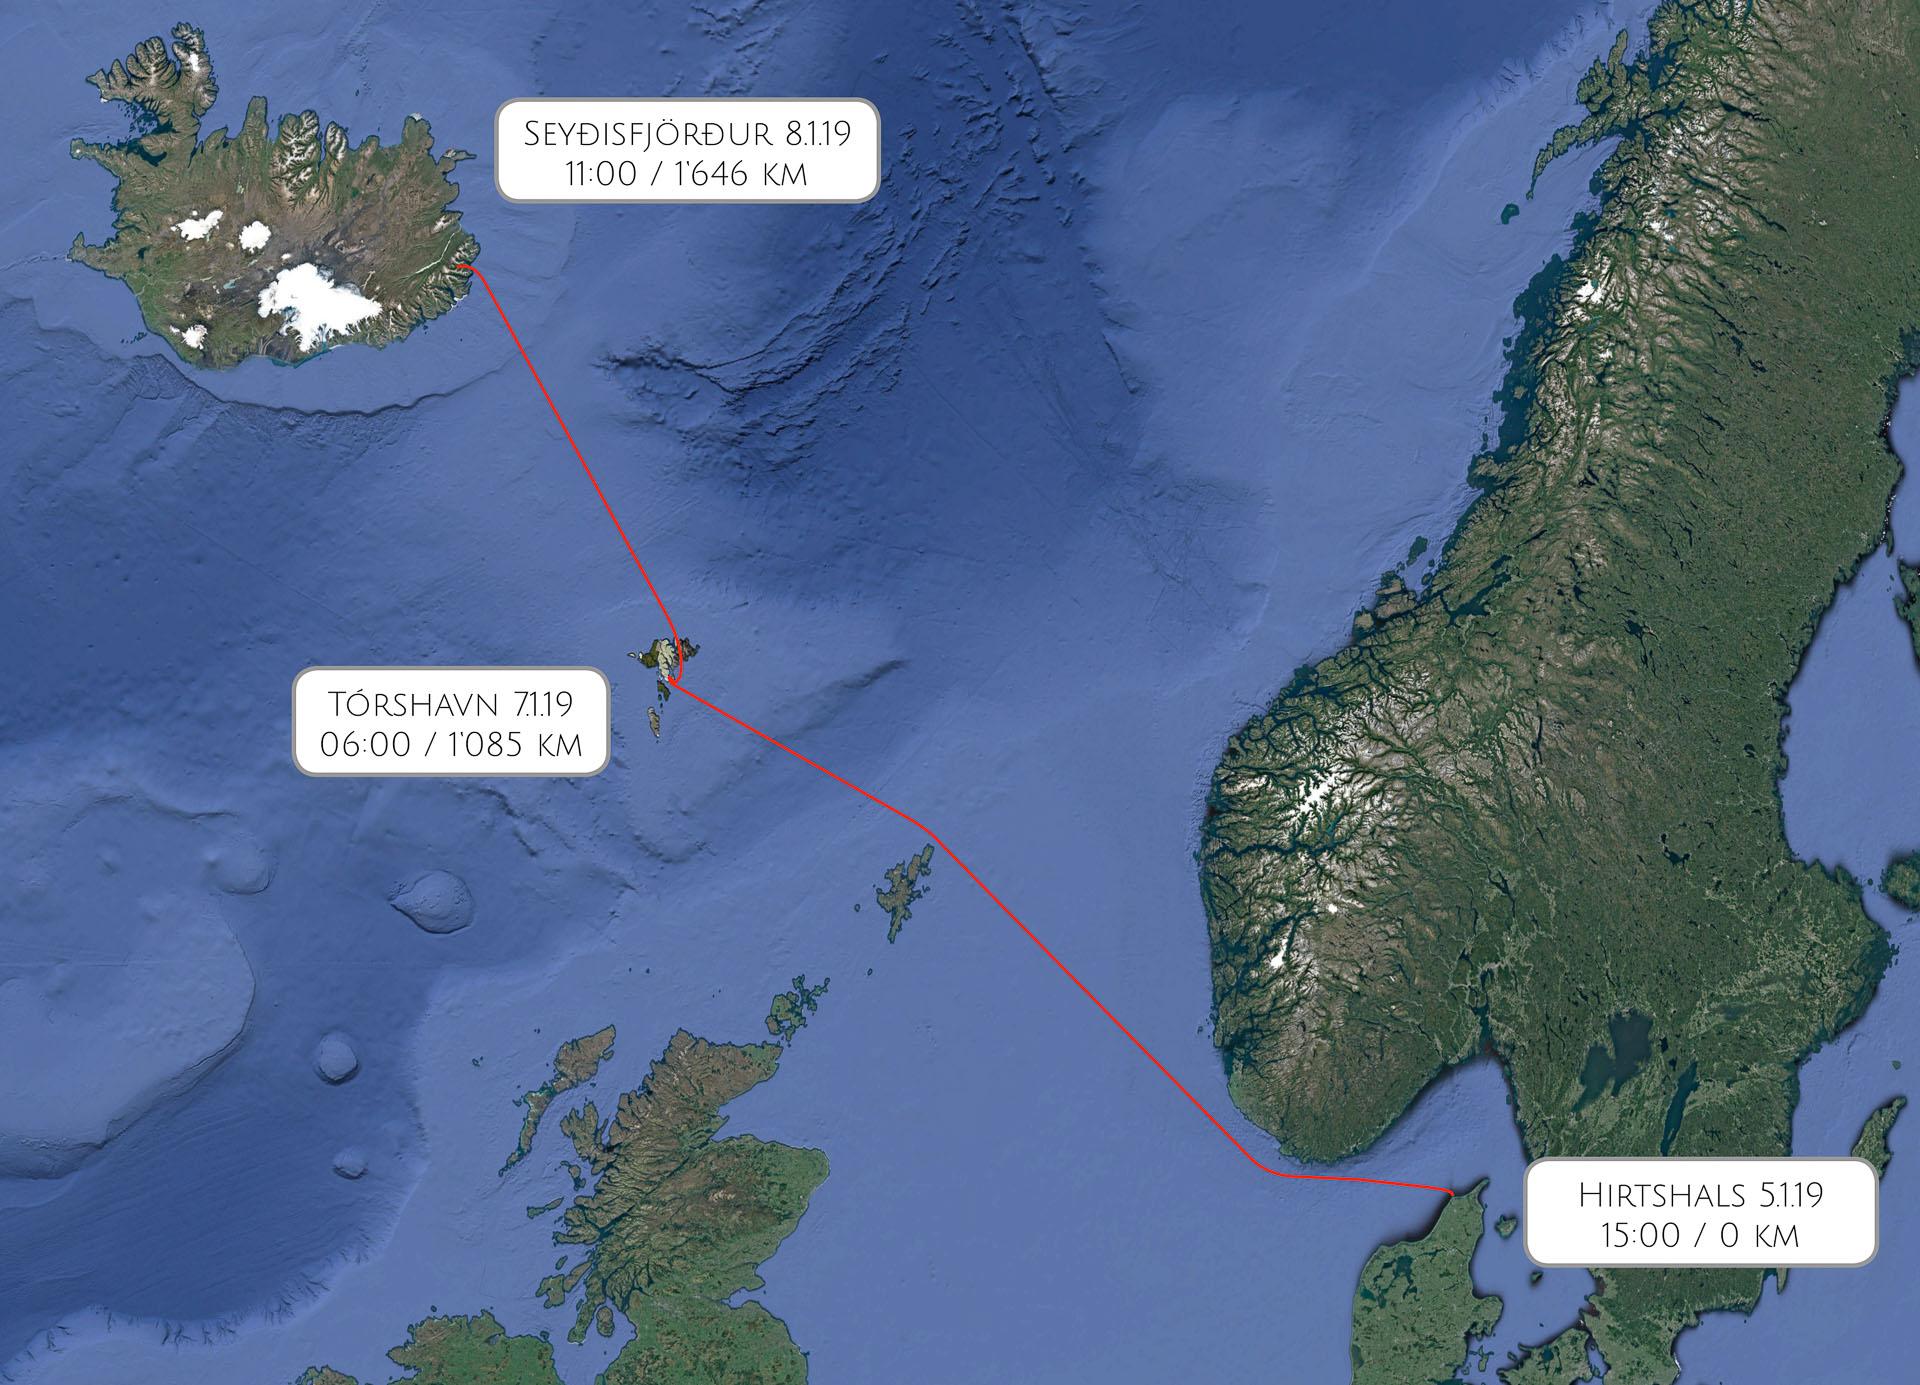 Route Hirtshals – Seyðisfjörður